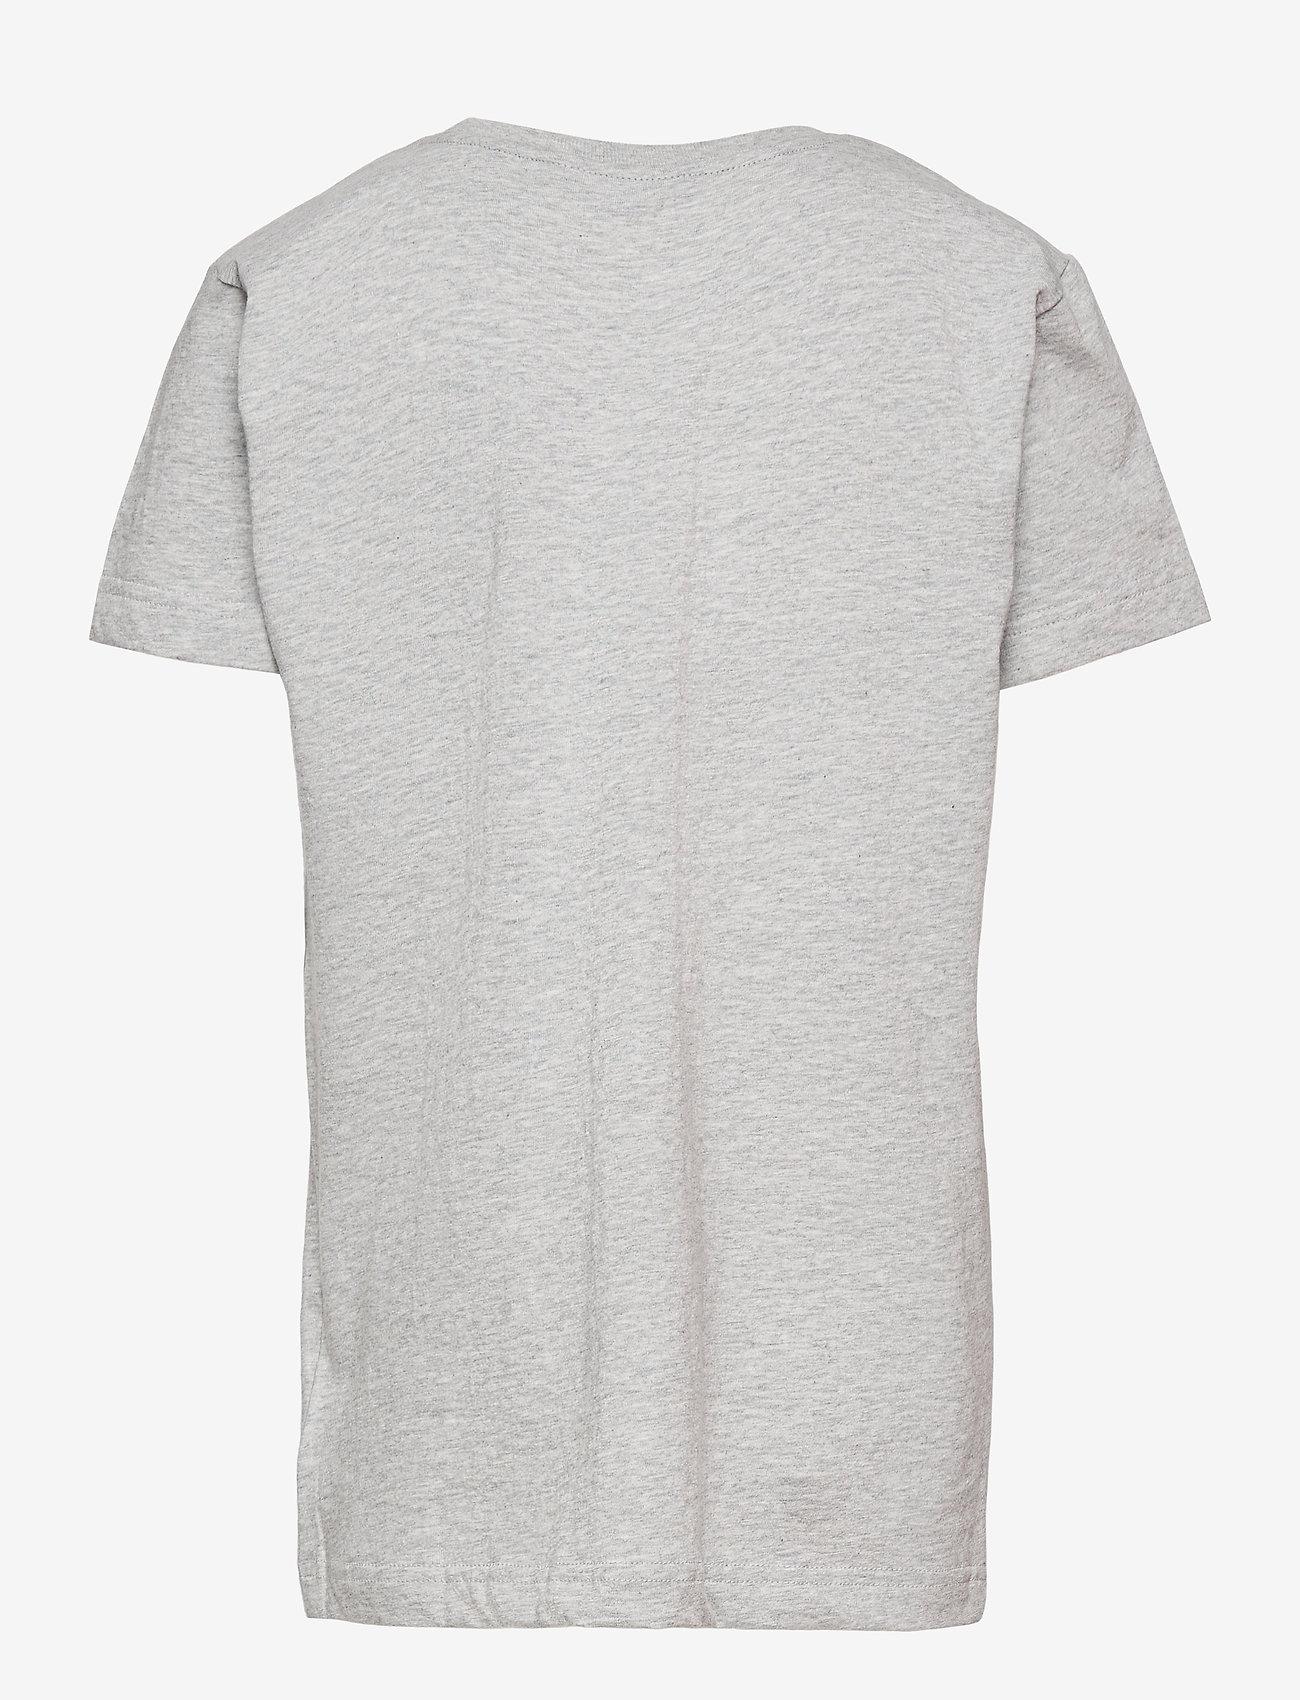 GANT - ARCHIVE SHIELD SS T-SHIRT - short-sleeved - light grey melange - 1